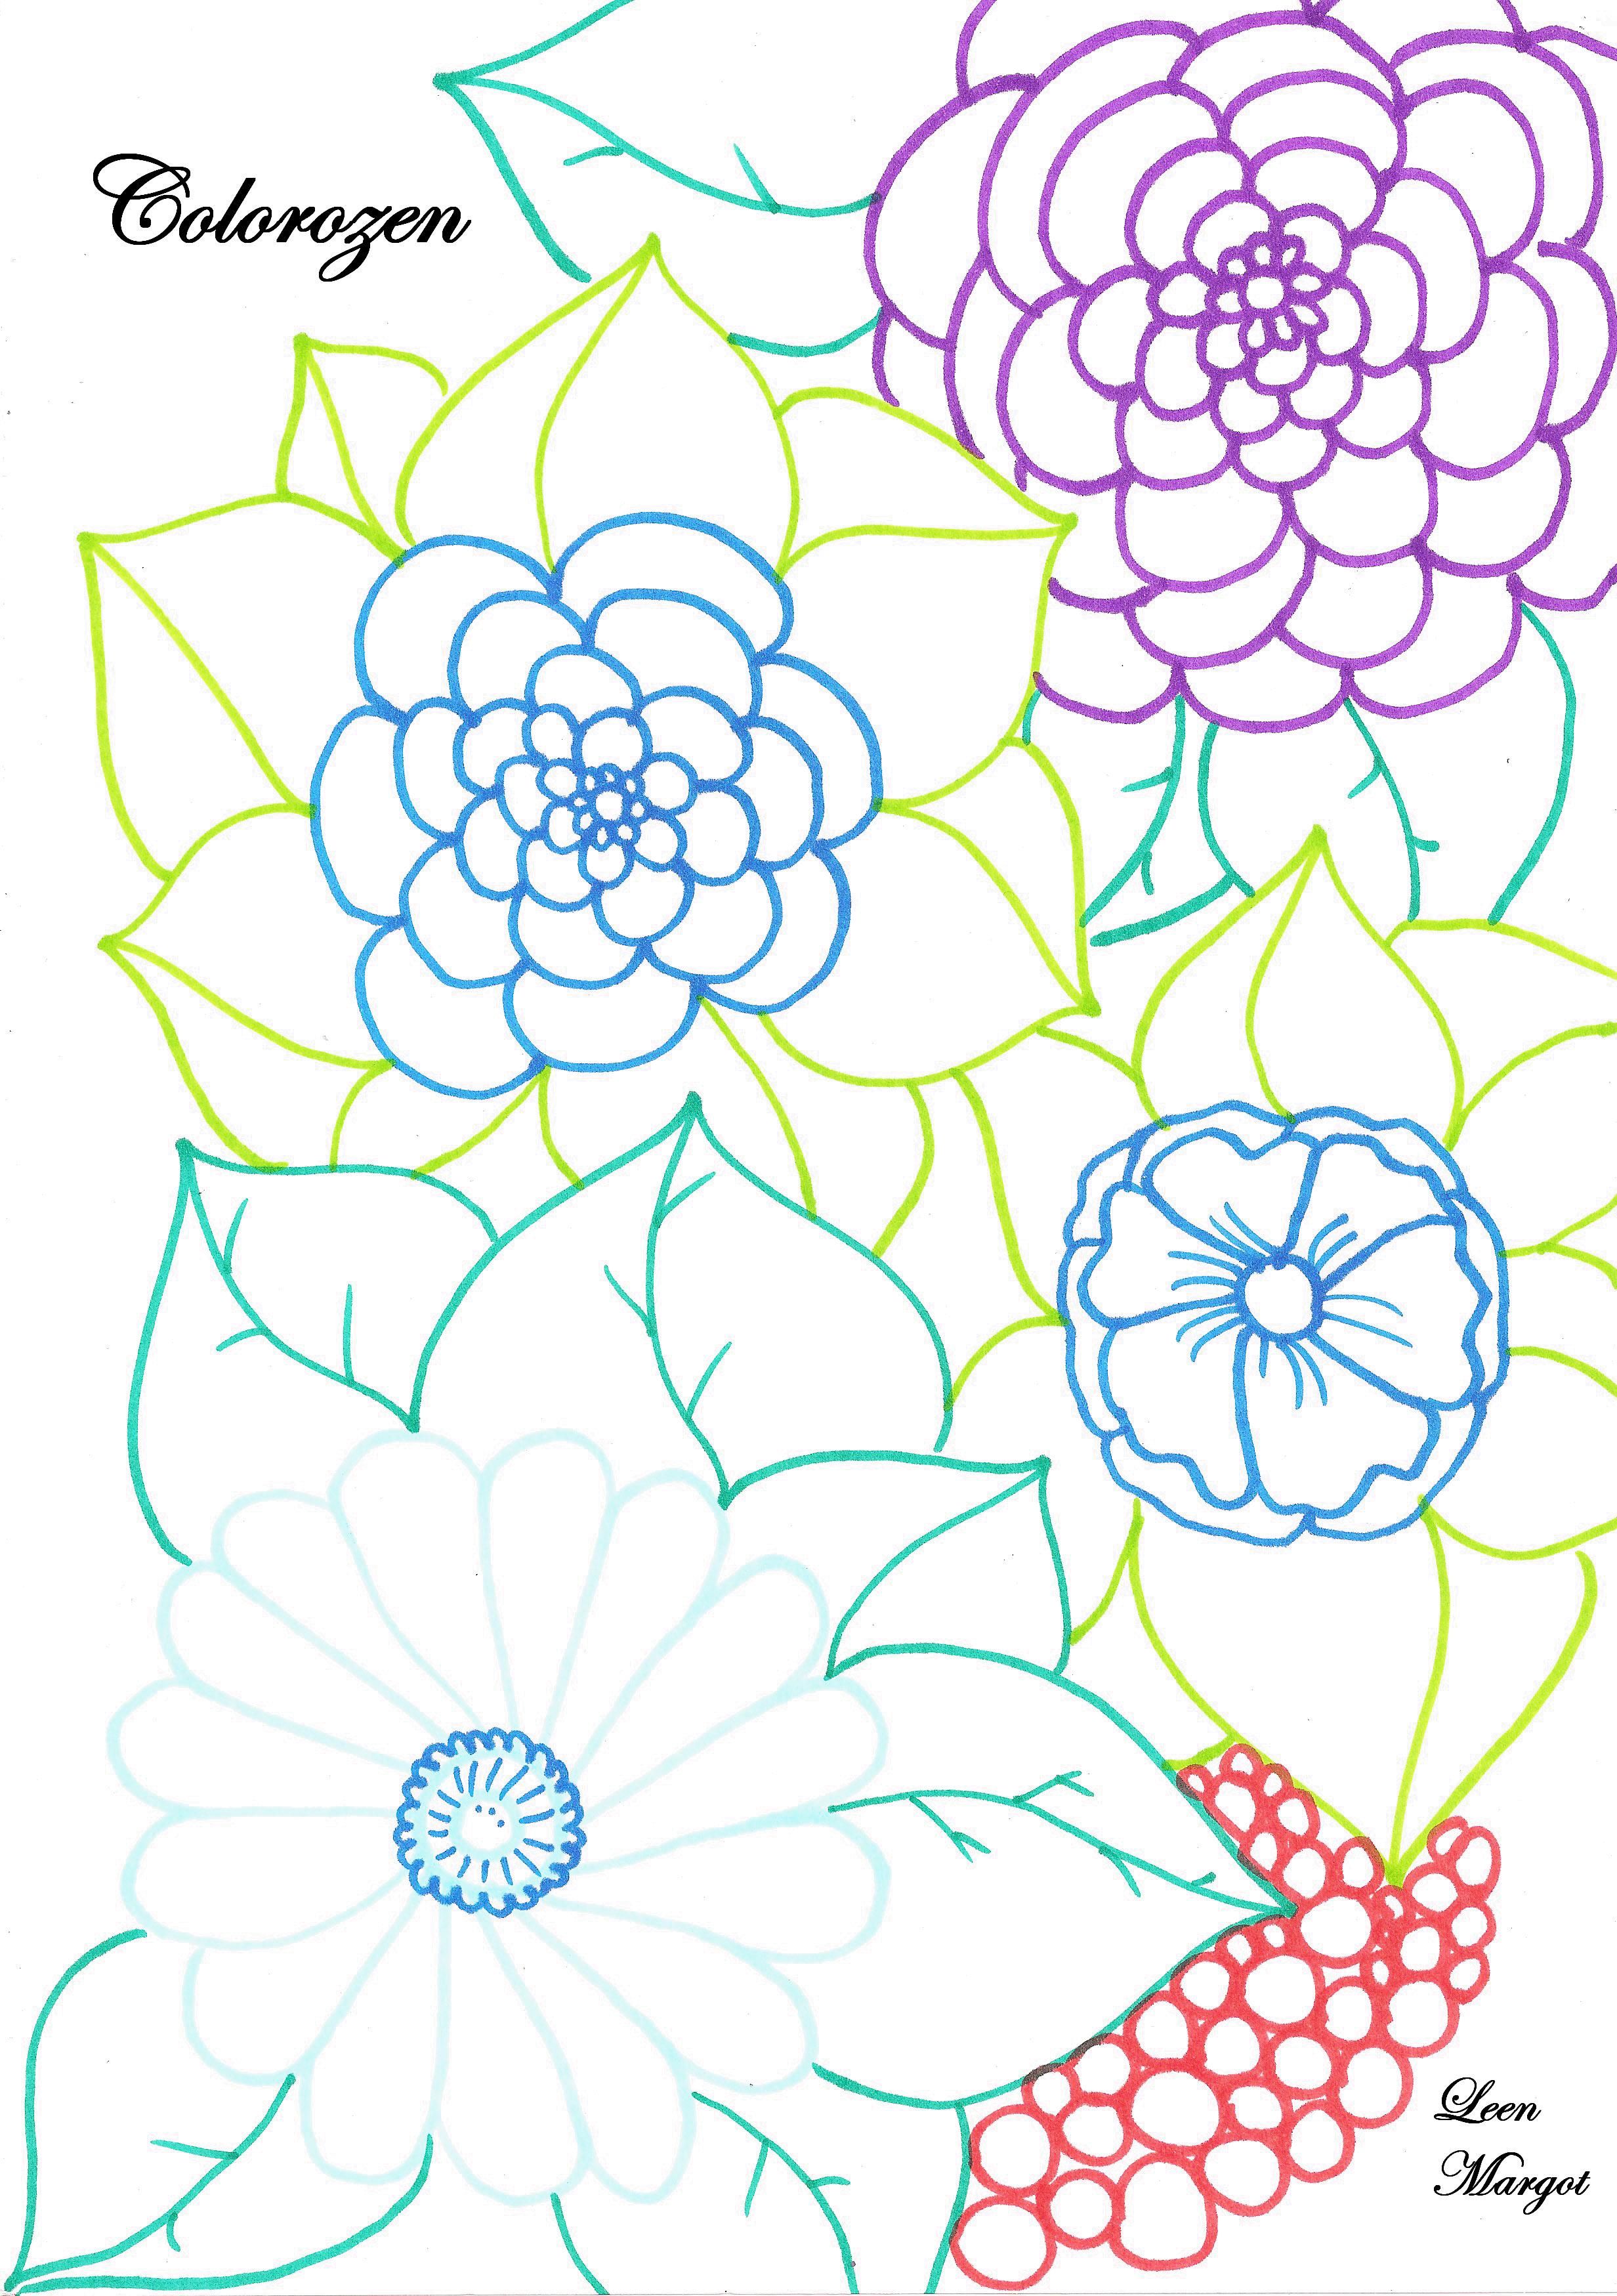 Disegni da colorare per adulti : Colorzen - 3